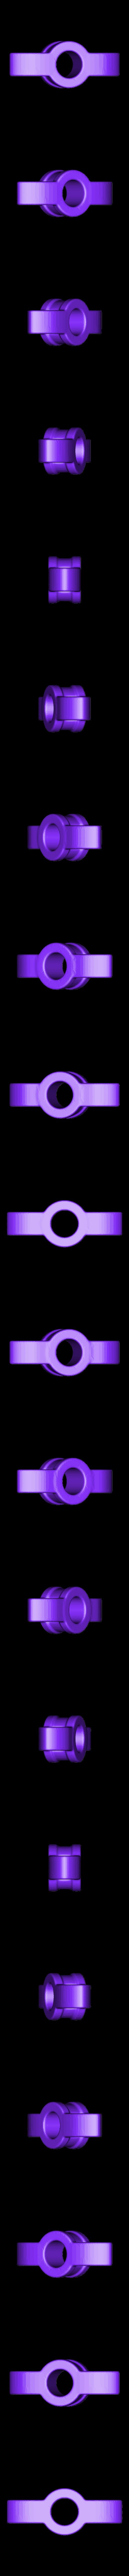 gommino_OLIVETTI_LEXIKON_82.stl Download free STL file Olivetti Lexikon 82 Rubber Spare_Parts • 3D printer design, darkwave3d